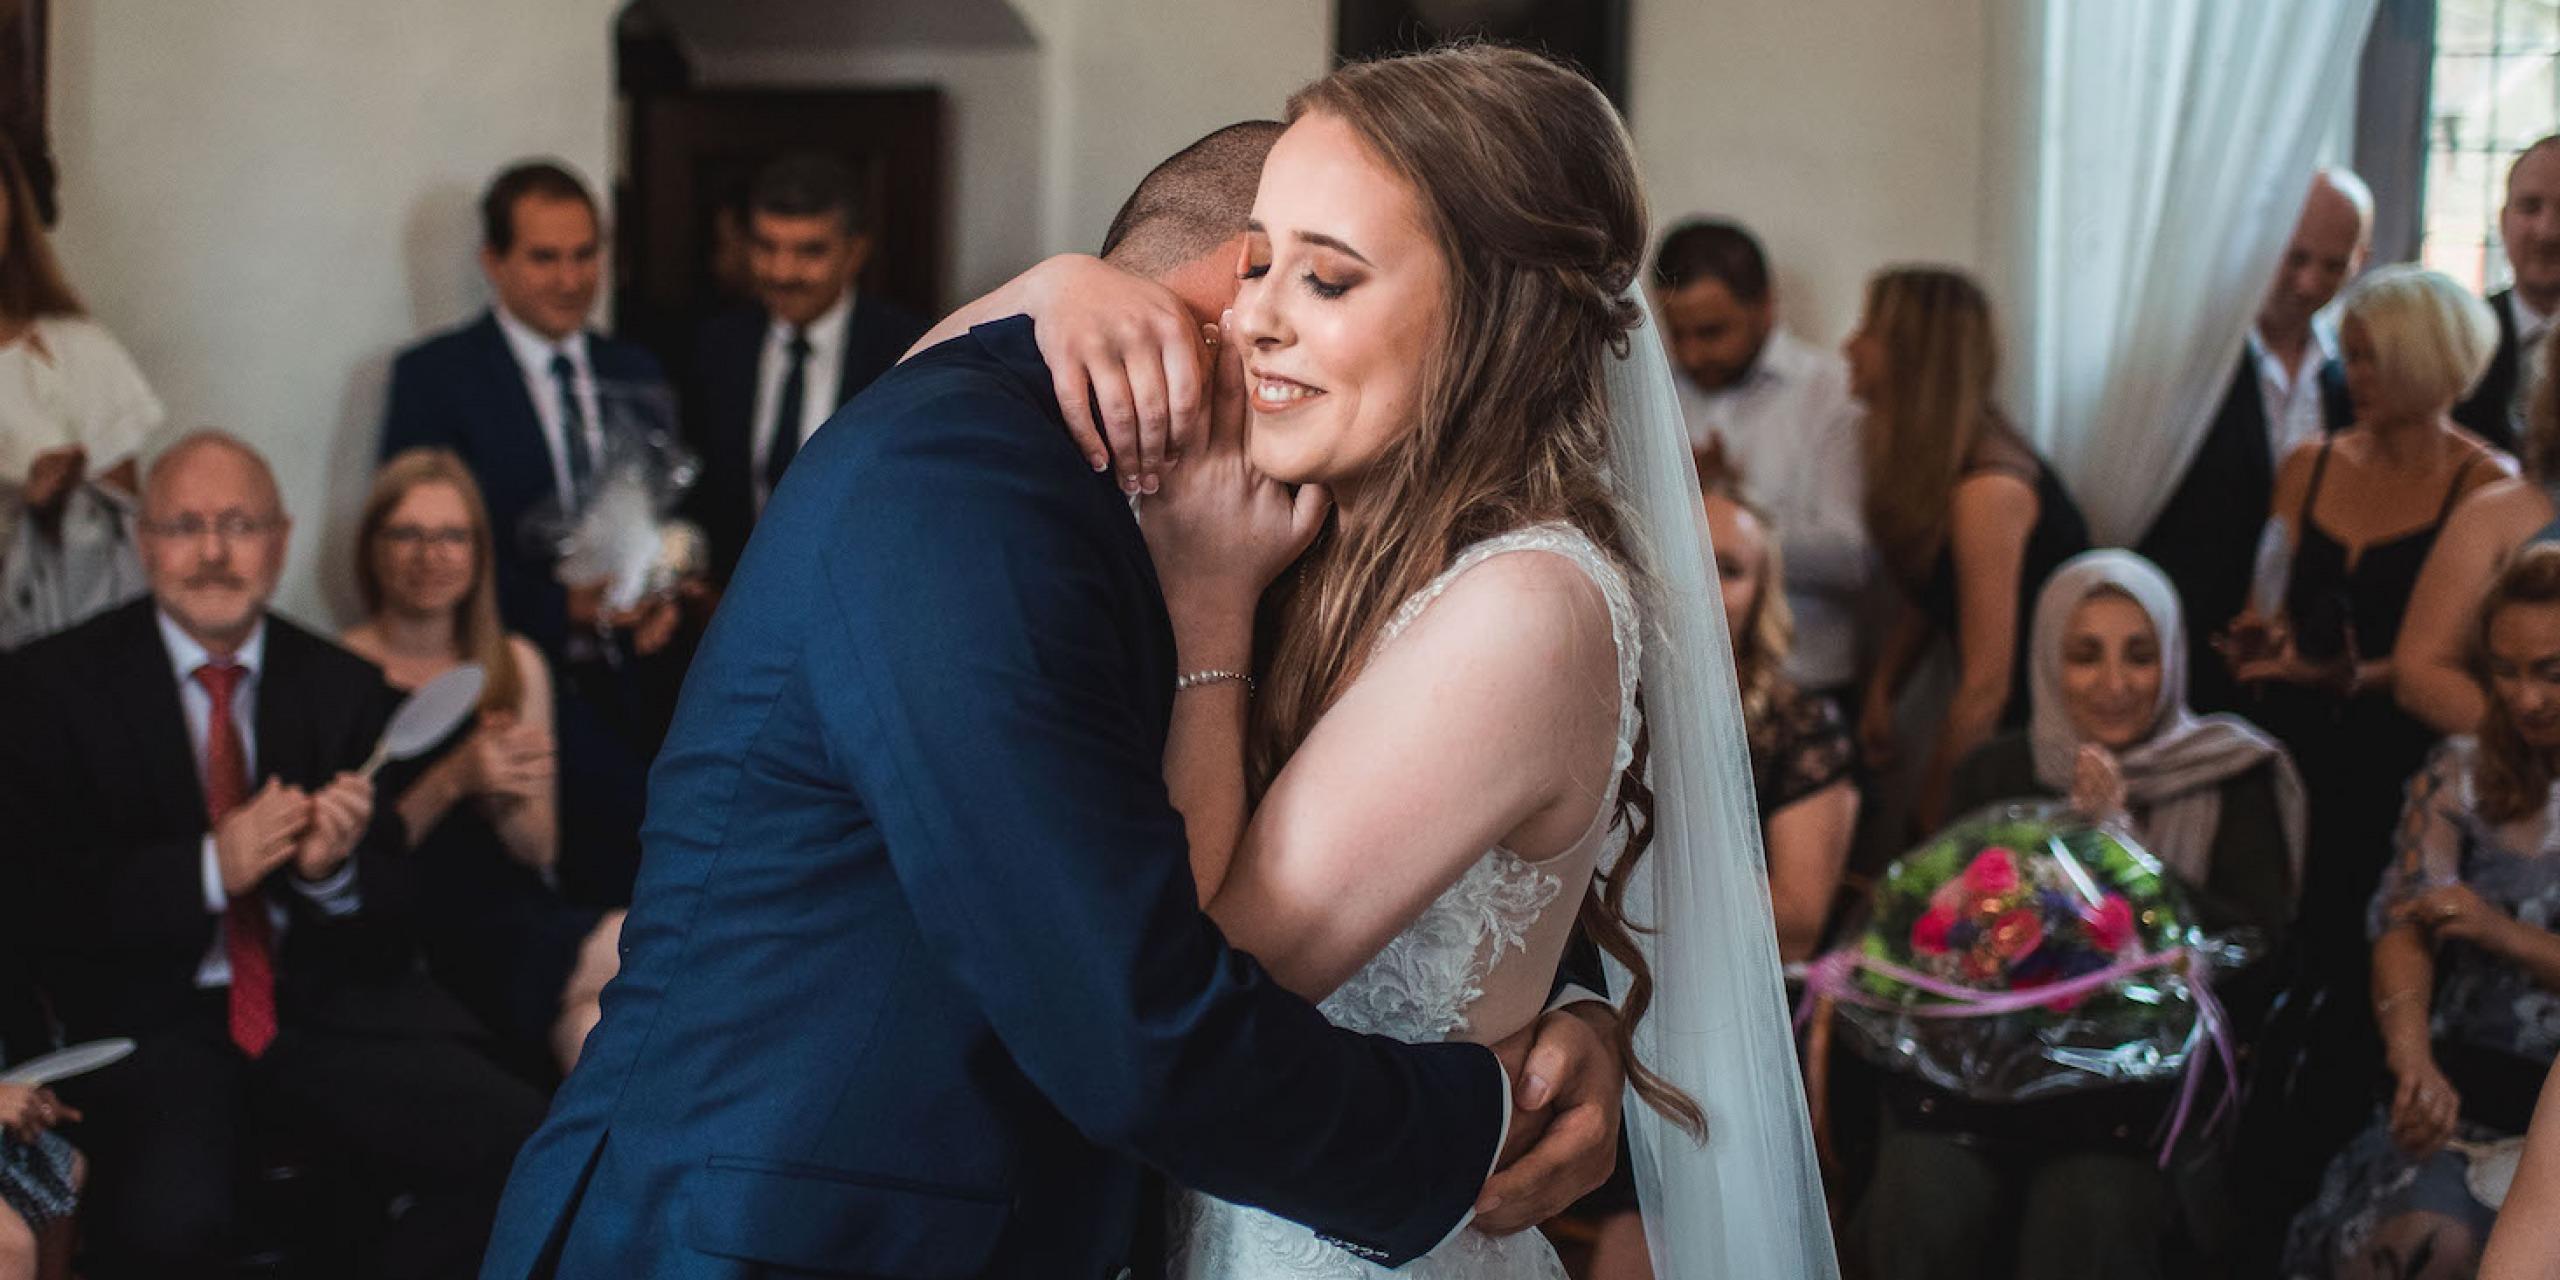 Hochzeit von Katharina und Mustafa in Münster: Innige Umarmung des Brautpaars